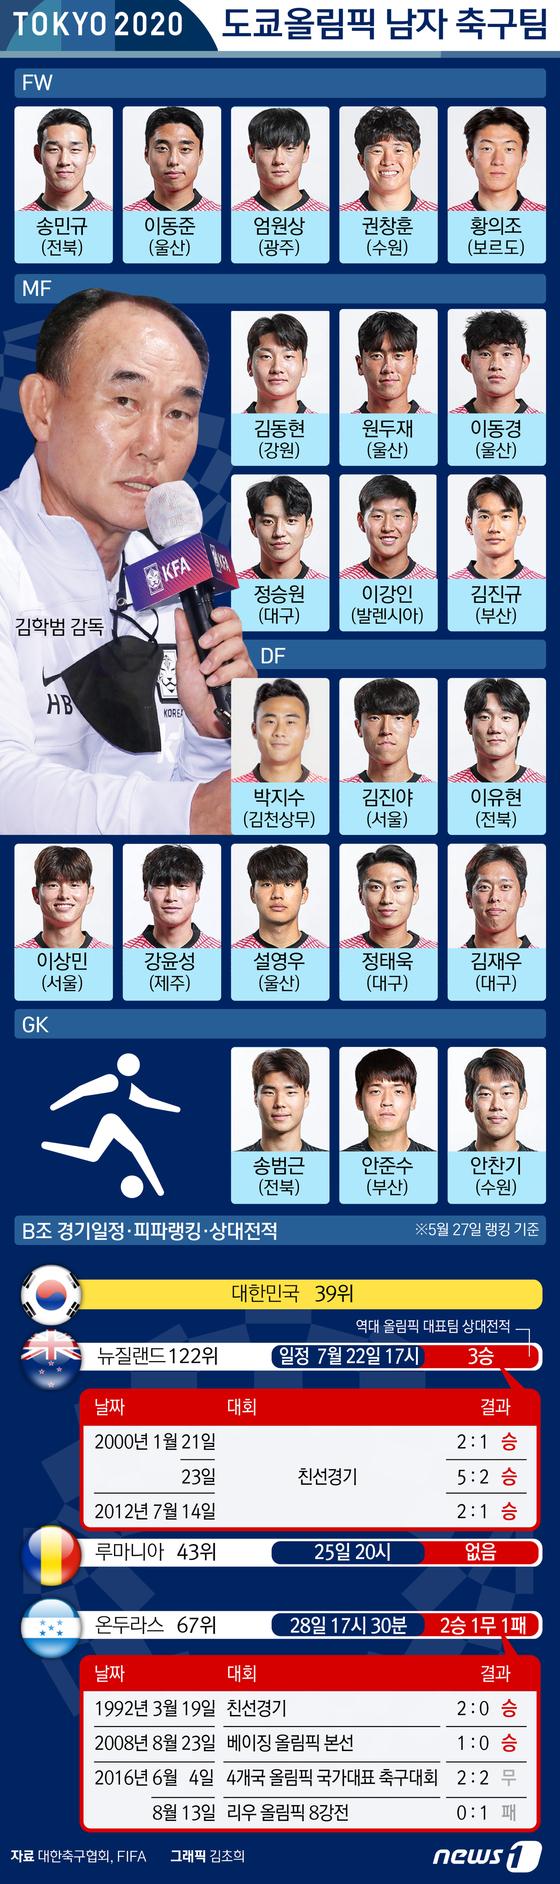 [그래픽뉴스] 도쿄를 빛낼 스타 - 남자 축구팀